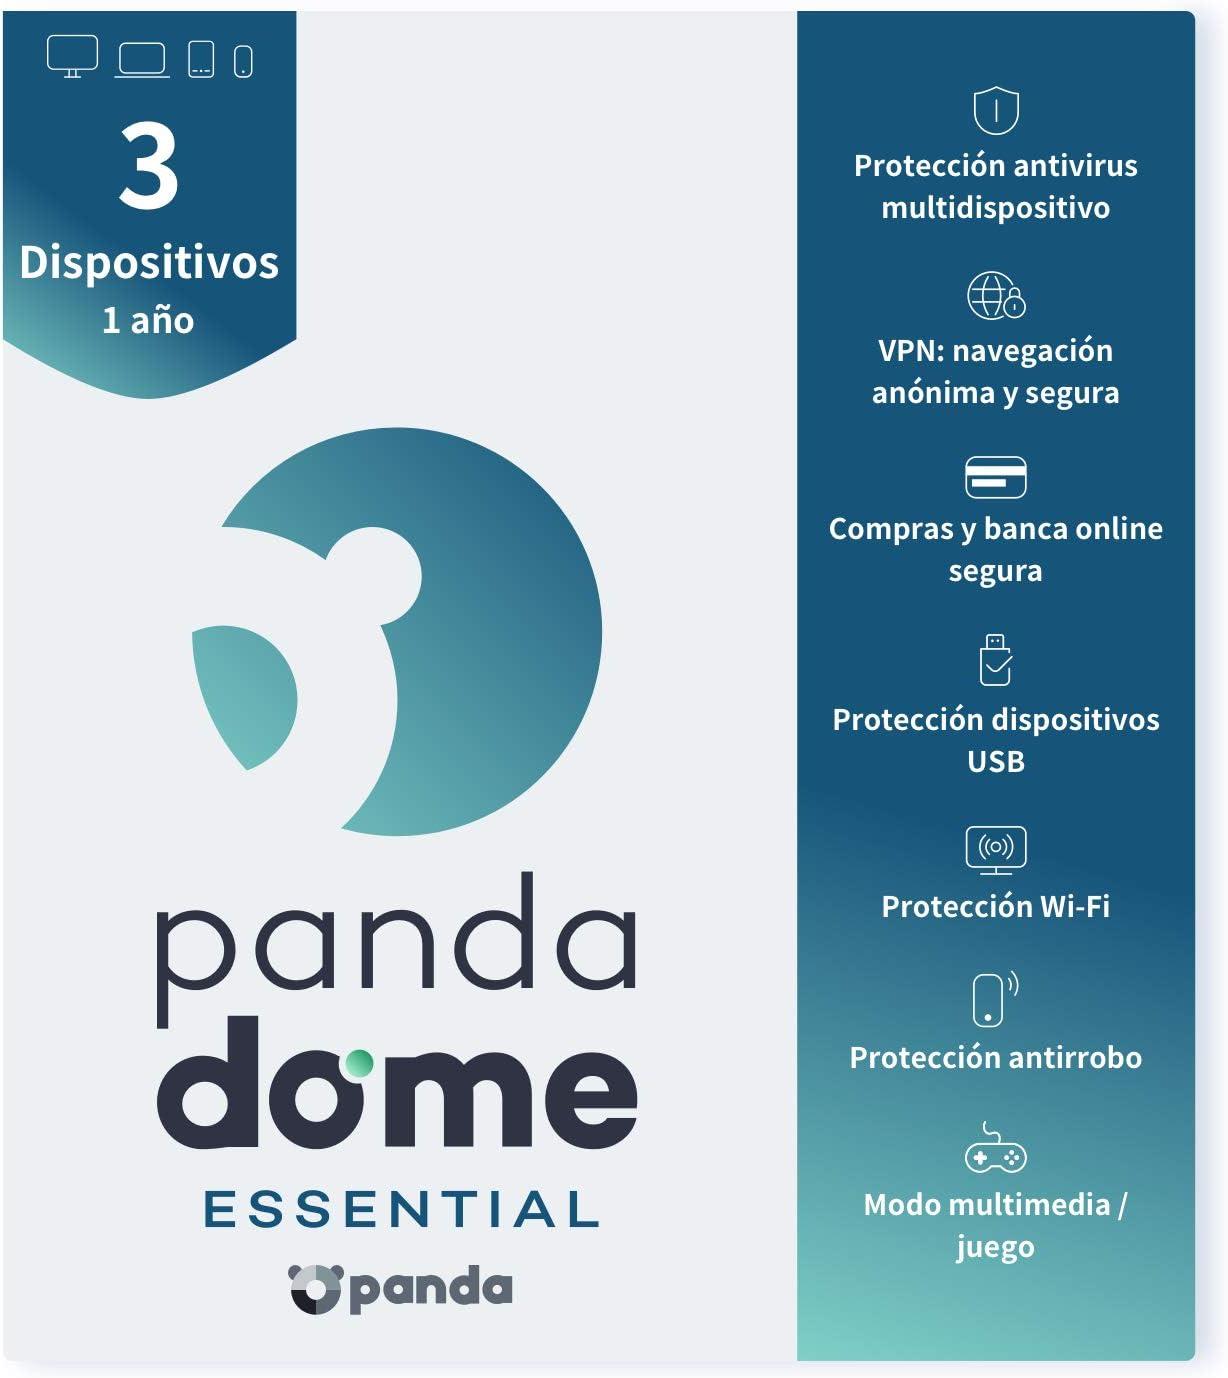 Panda Dome Essential 2021 – Software Antivirus   3 Dispositivos   1 año   VPN   Banca Segura   Bloqueo Antirrobo   Protección Wifi